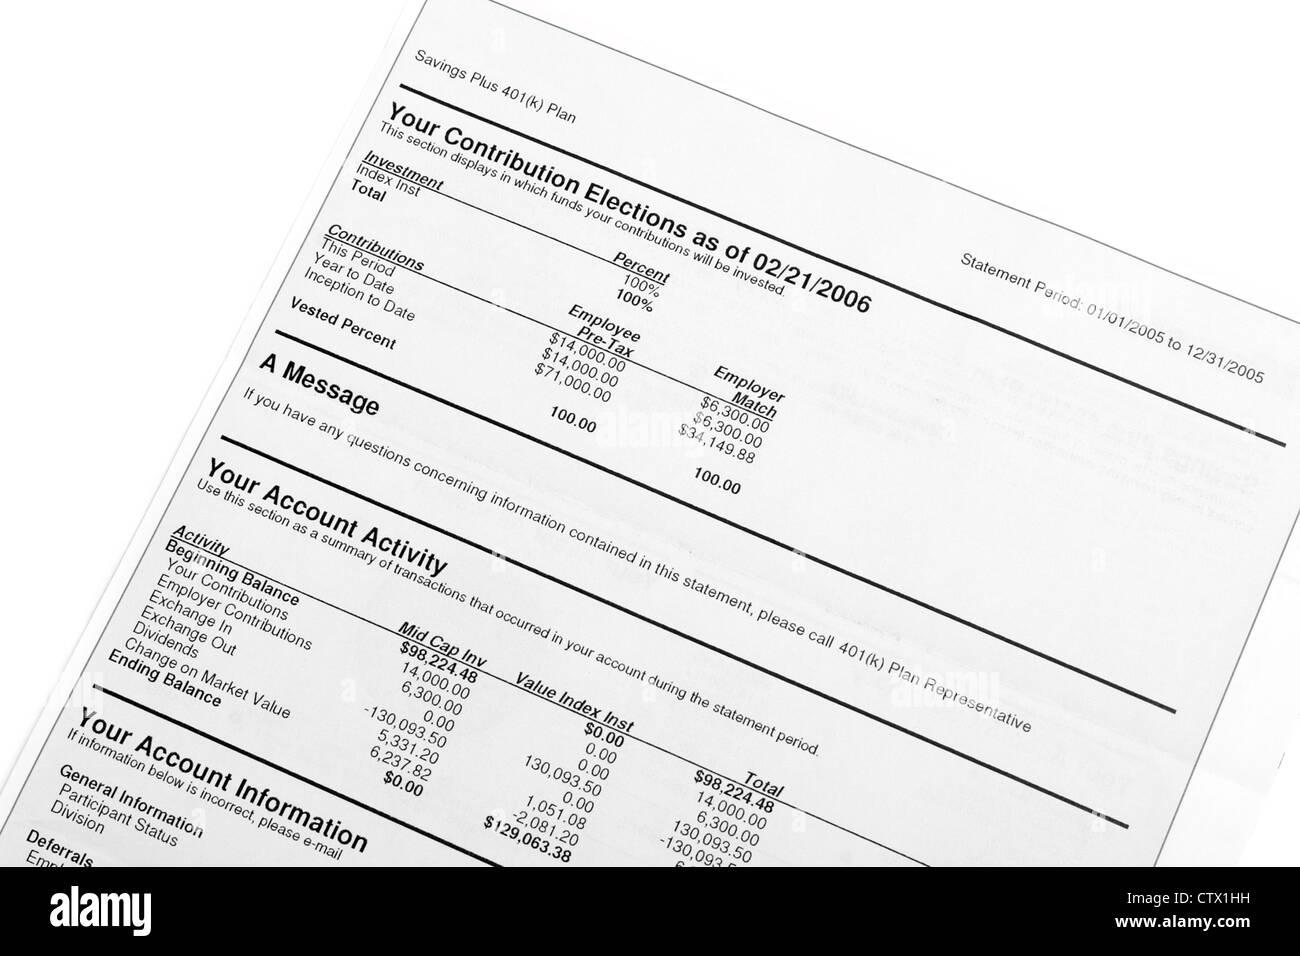 La jubilación 401(k) Plan: declaración detalles Imagen De Stock